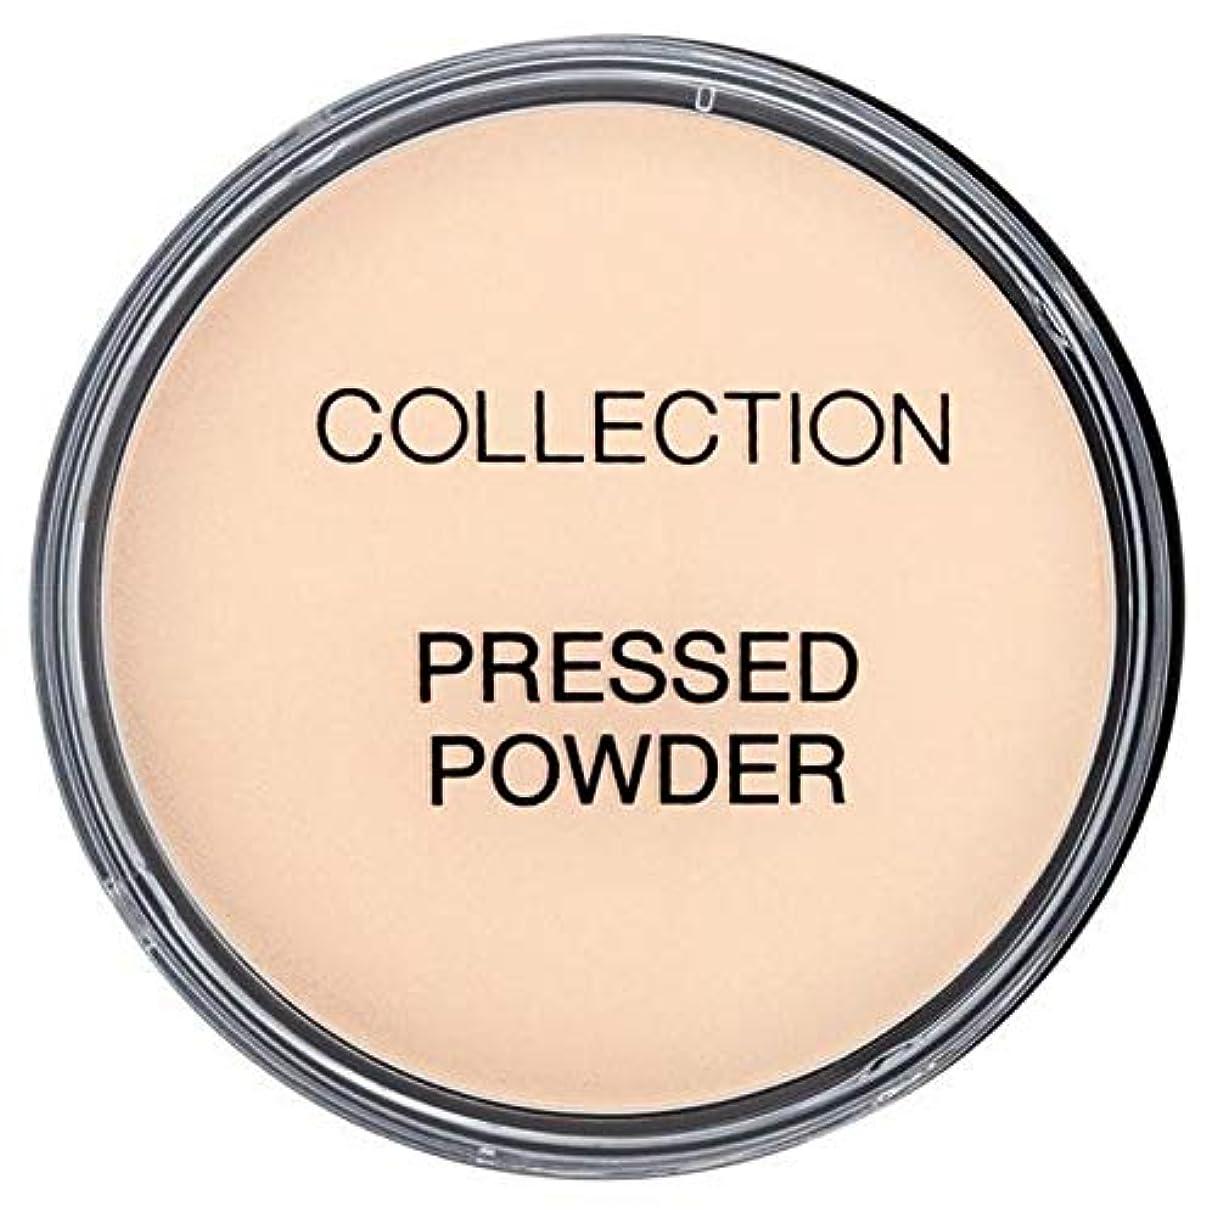 落胆した近代化不規則な[Collection ] コレクションは、粉末17グラムのろうそく1を押します - Collection Pressed Powder 17g Candlelight 1 [並行輸入品]